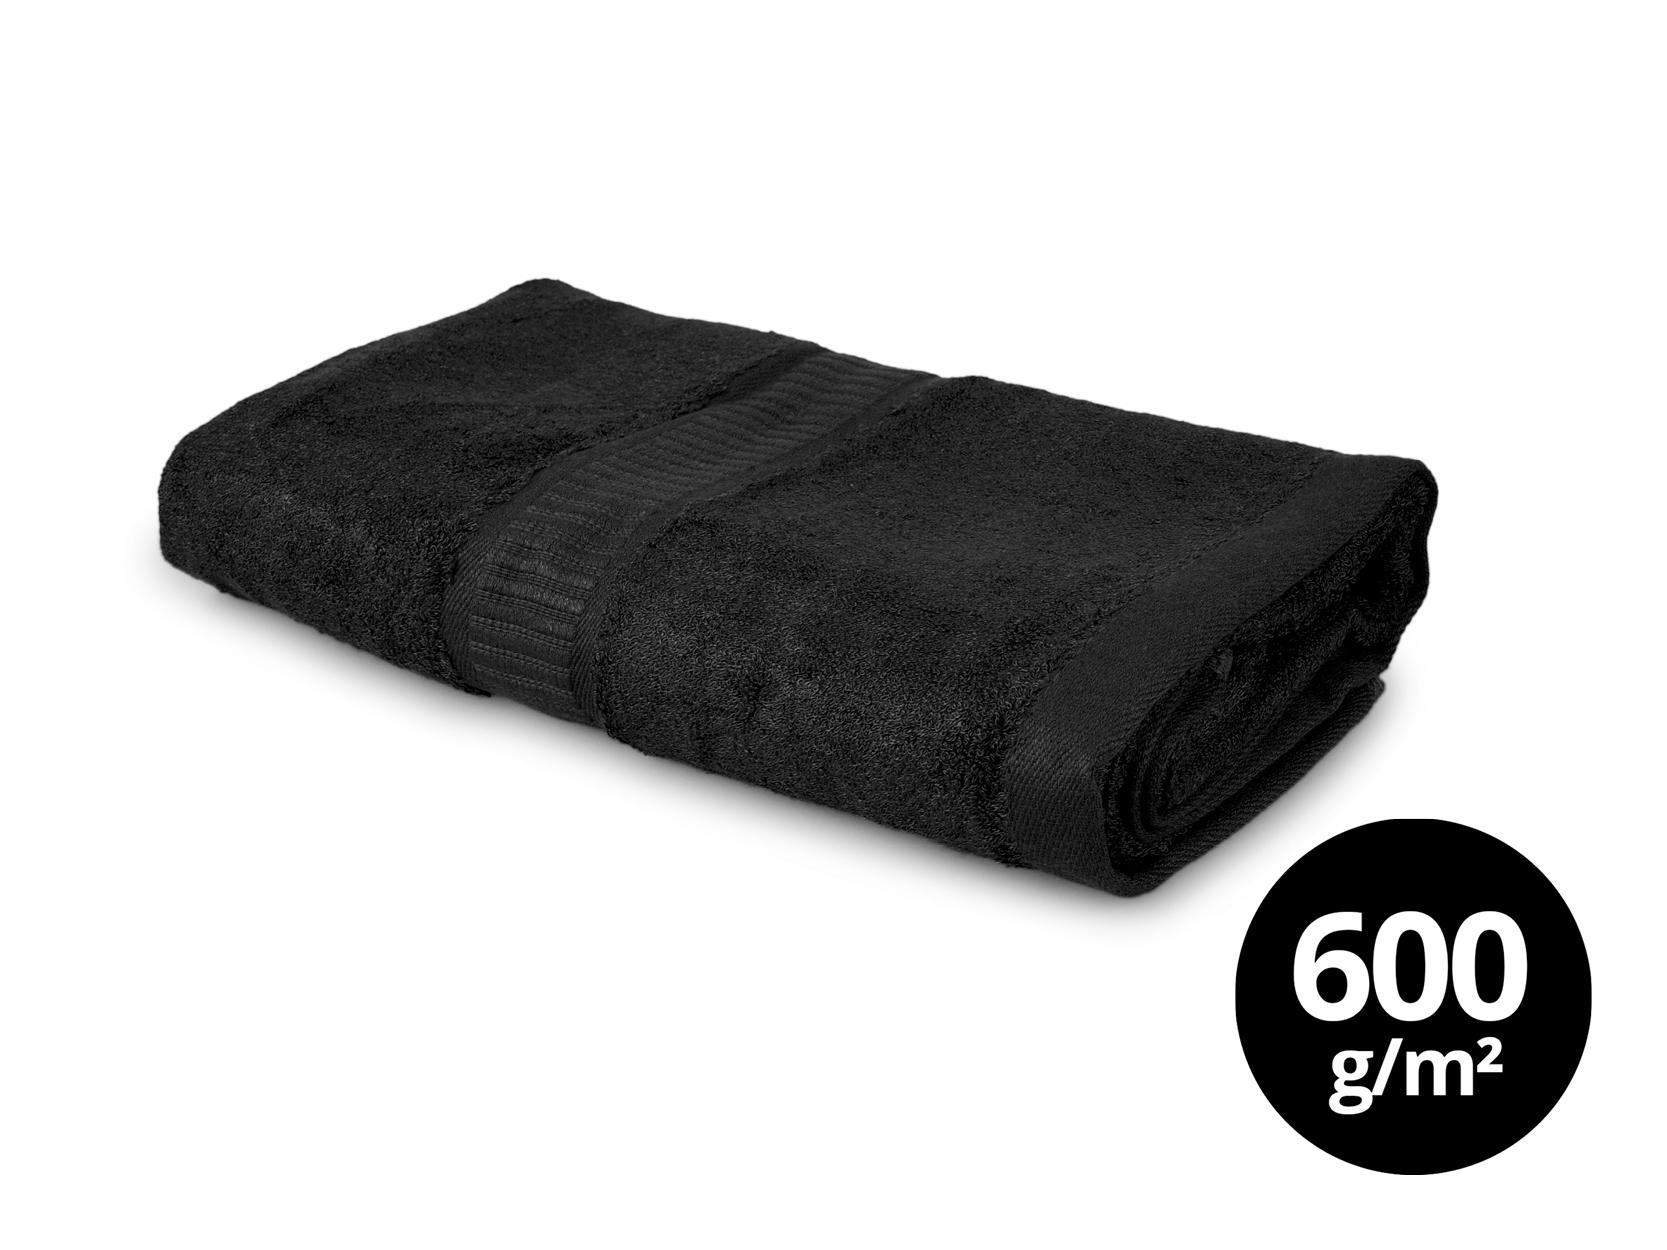 BAMBOO veľký uterák s elegantnou bordúrou - čierny